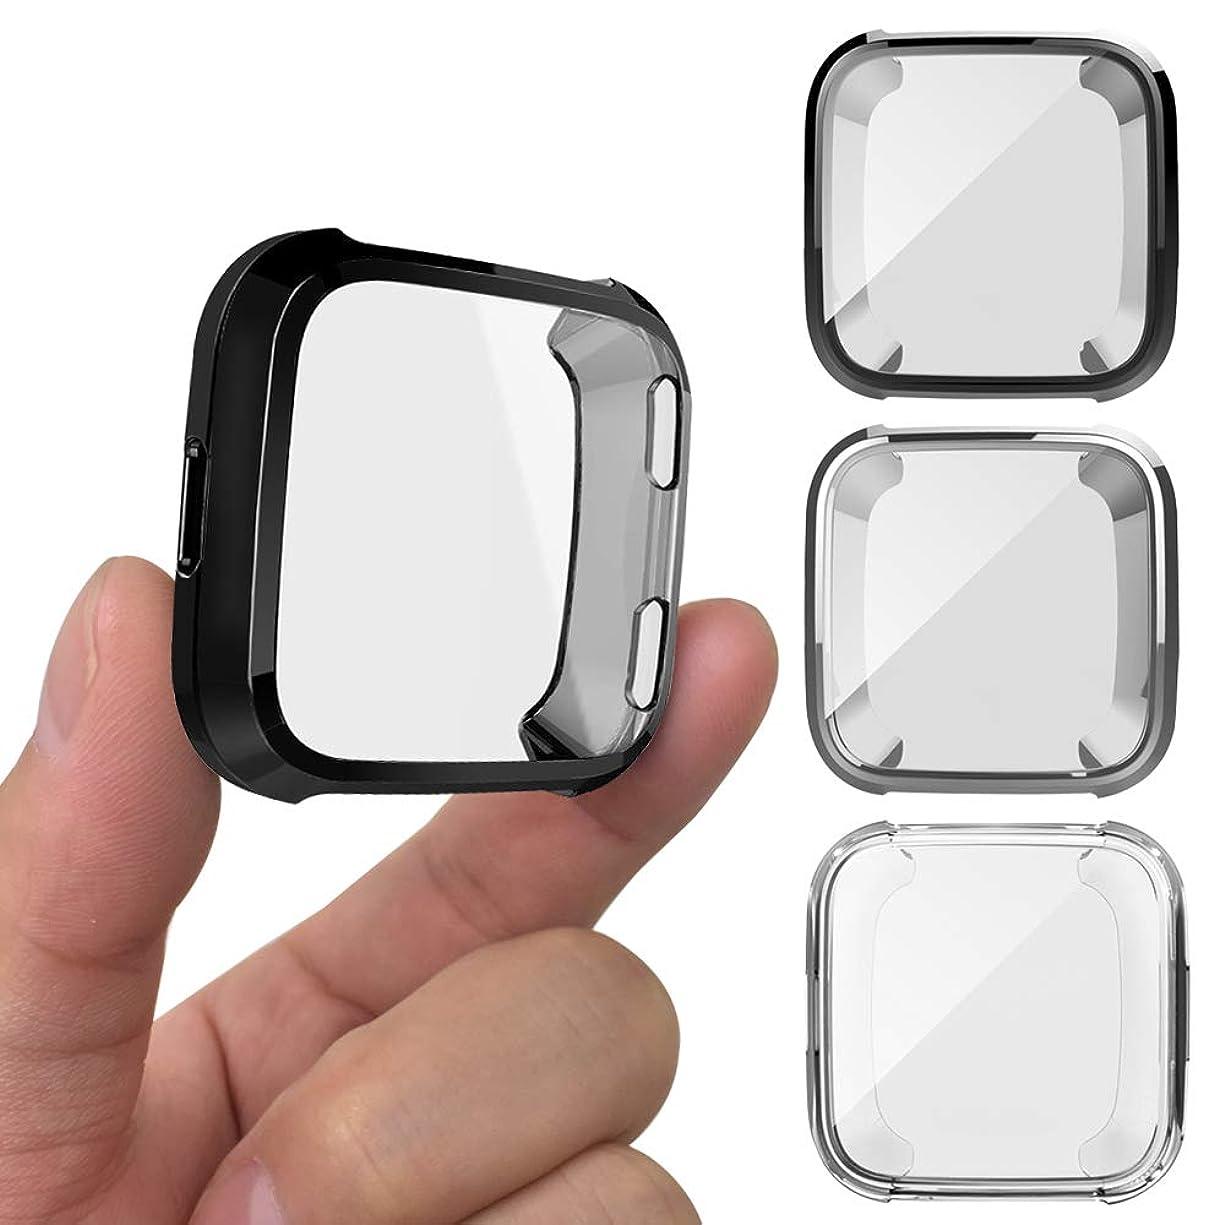 ノベルティ聖歌評判3PCS保護ケース Fitbit Versaスマートウォッチ、AFUNTA TPUスクリーンプロテクター 耐衝撃 カバー 全周囲バンパー保護シェルウォッチ保護- ブラック、シルバー、透明